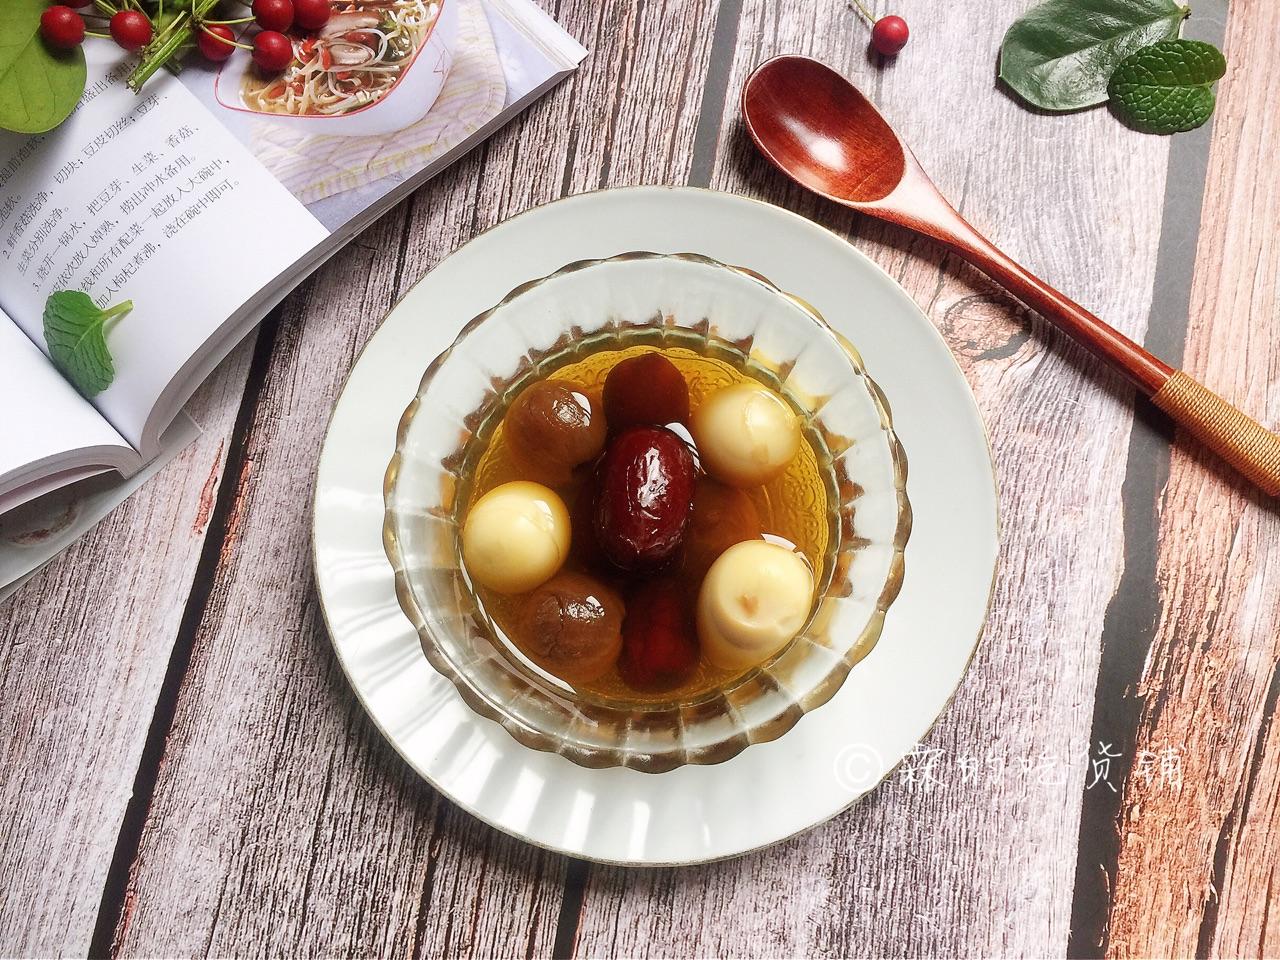 做法腌肉蛋鹌鹑桂圆的红枣_菜谱_豆果美食家乐安多夫糖水粉腌粉调味料454g图片